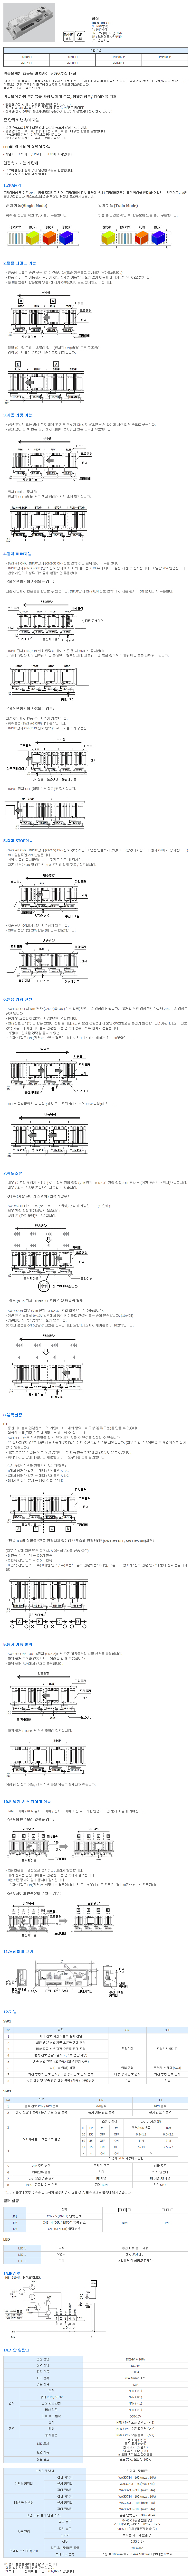 (주)은현산업 MDR전용 반송로직 내장 드라이버 HB-510